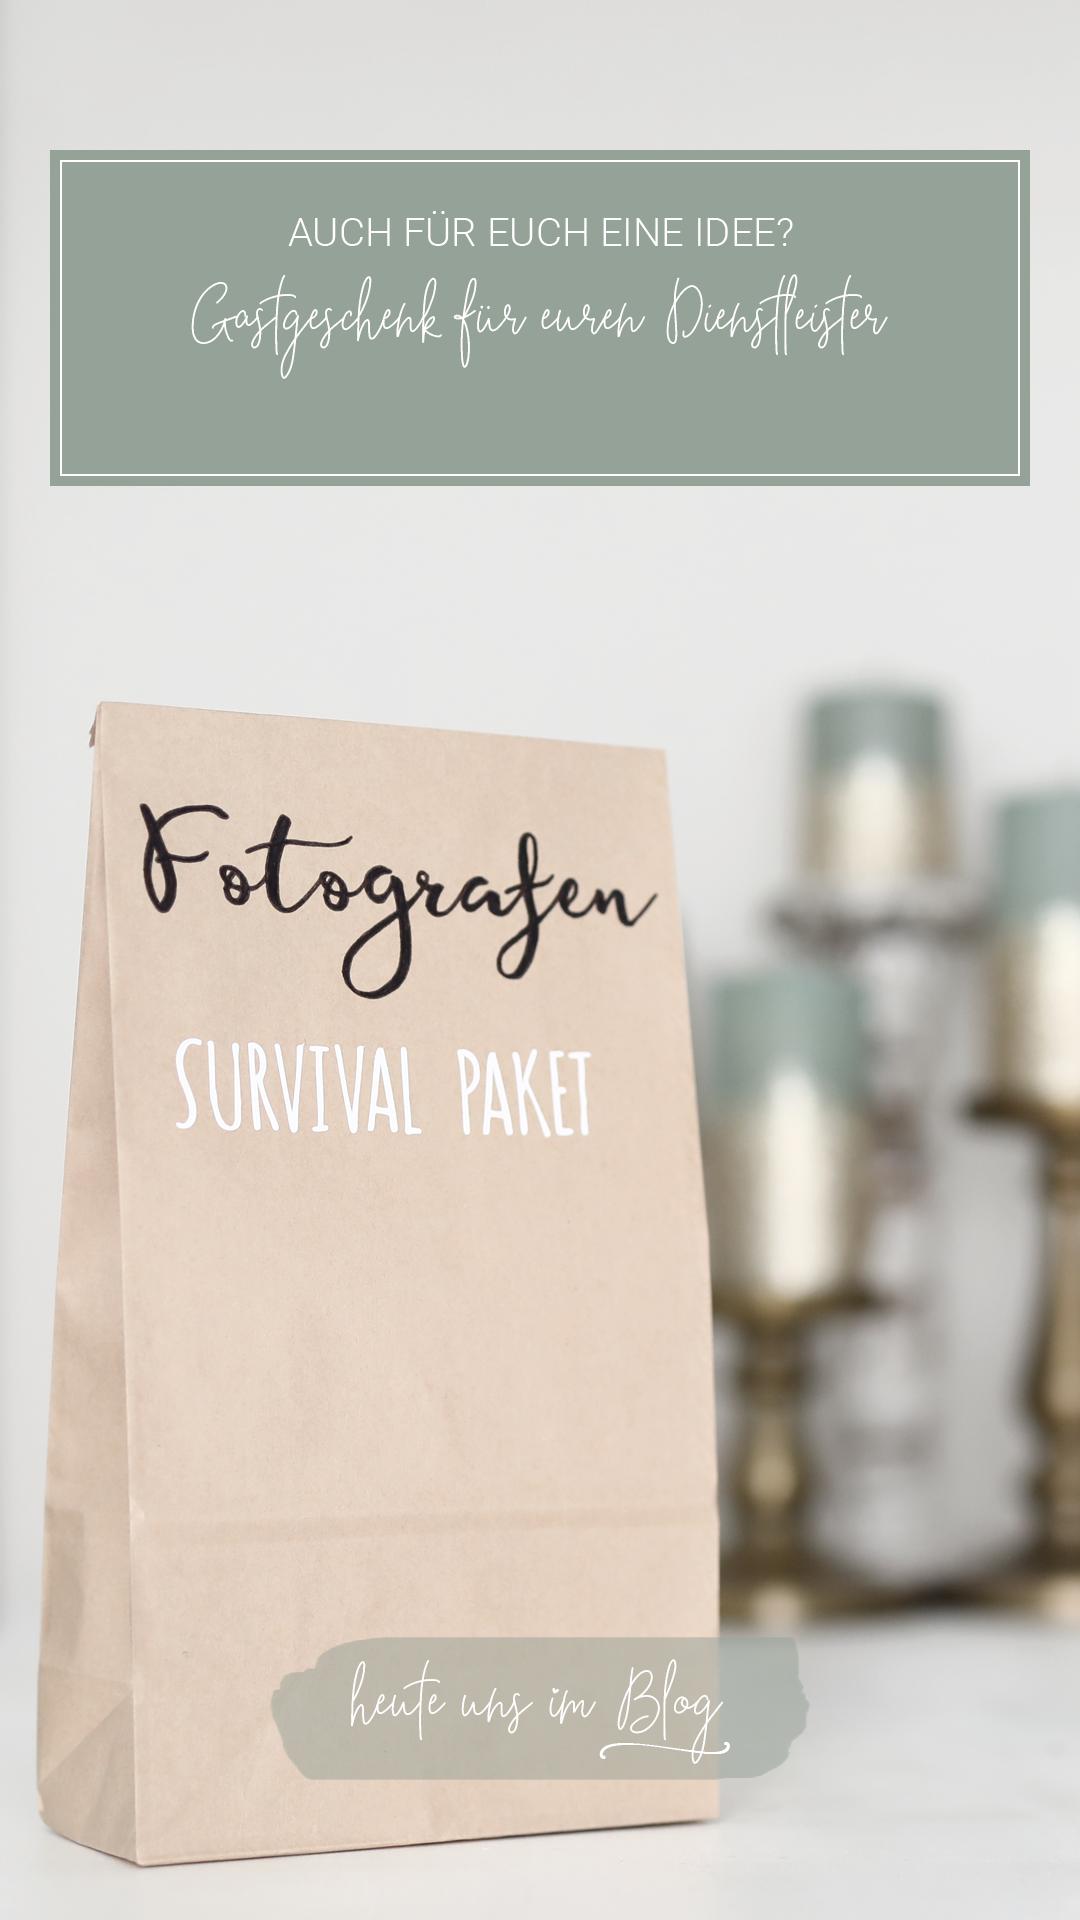 Fotografen Survival Paket: Gastgeschenk für euren Dienstleister